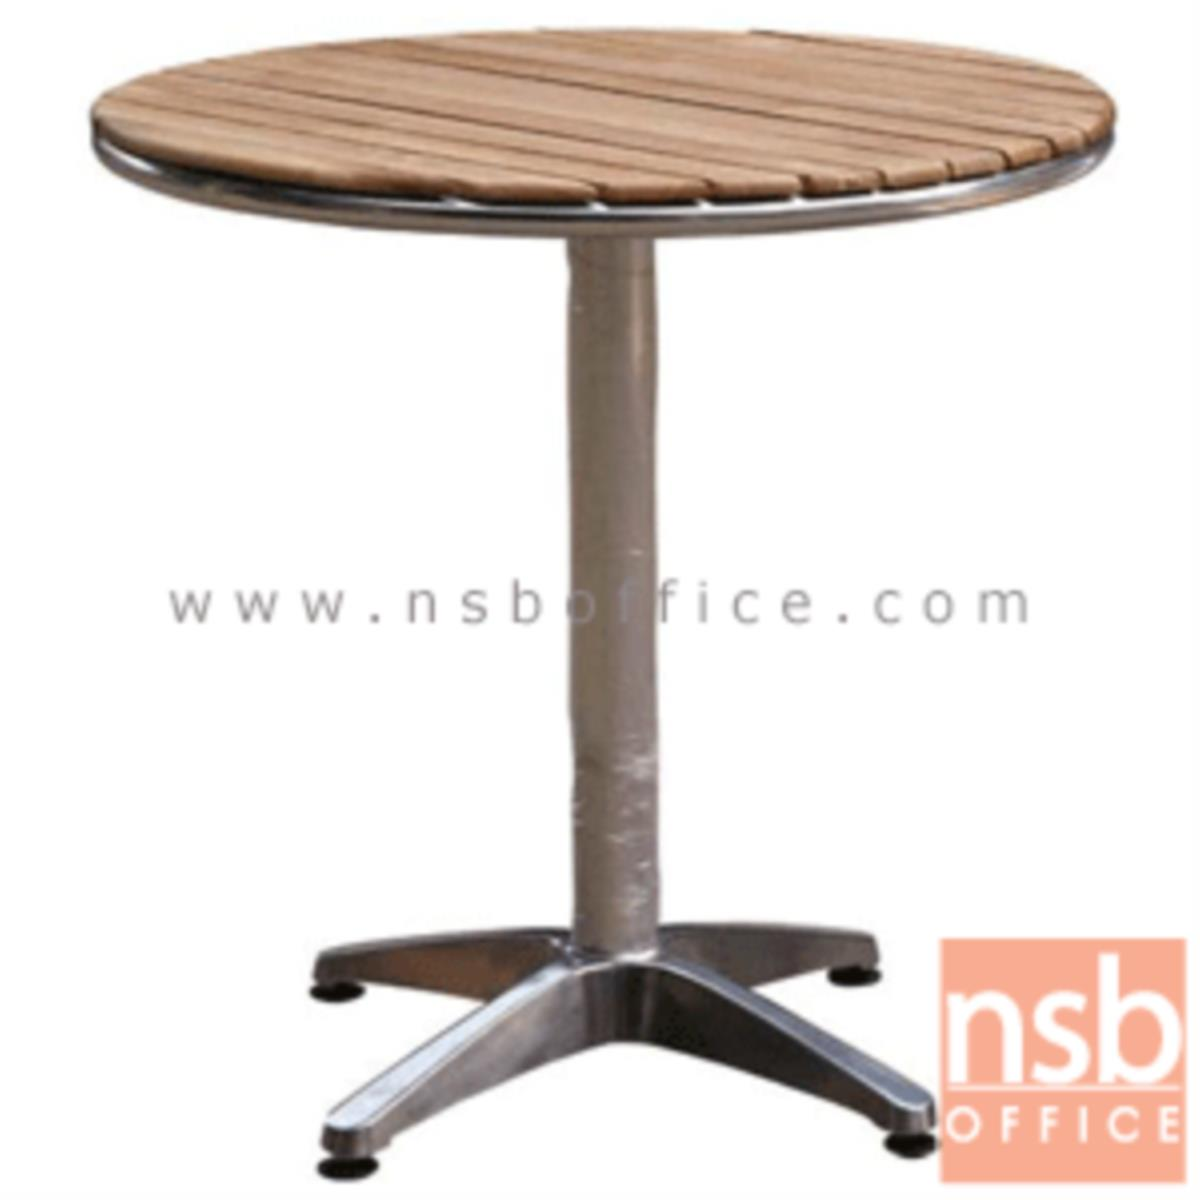 A09A080:โต๊ะหน้าไม้ รุ่น Kilmer (คิลเมอร์) ขนาด 60Di cm.  โครงอลูมิเนียม สีธรรมชาติ